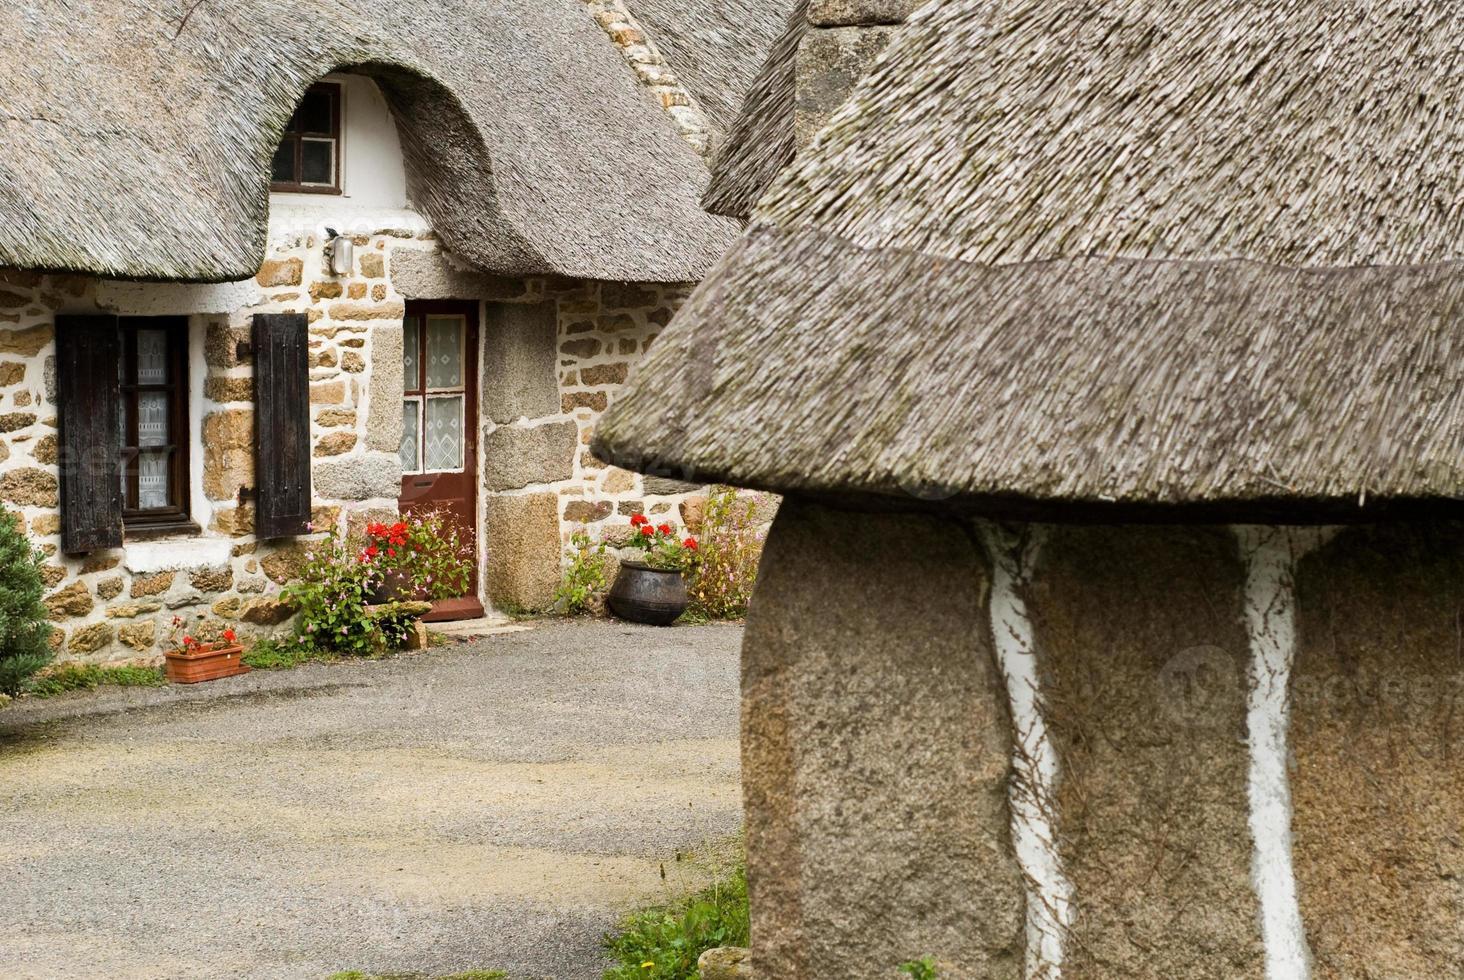 traditionelle strohgedeckte häuser in bretagne frankreich foto